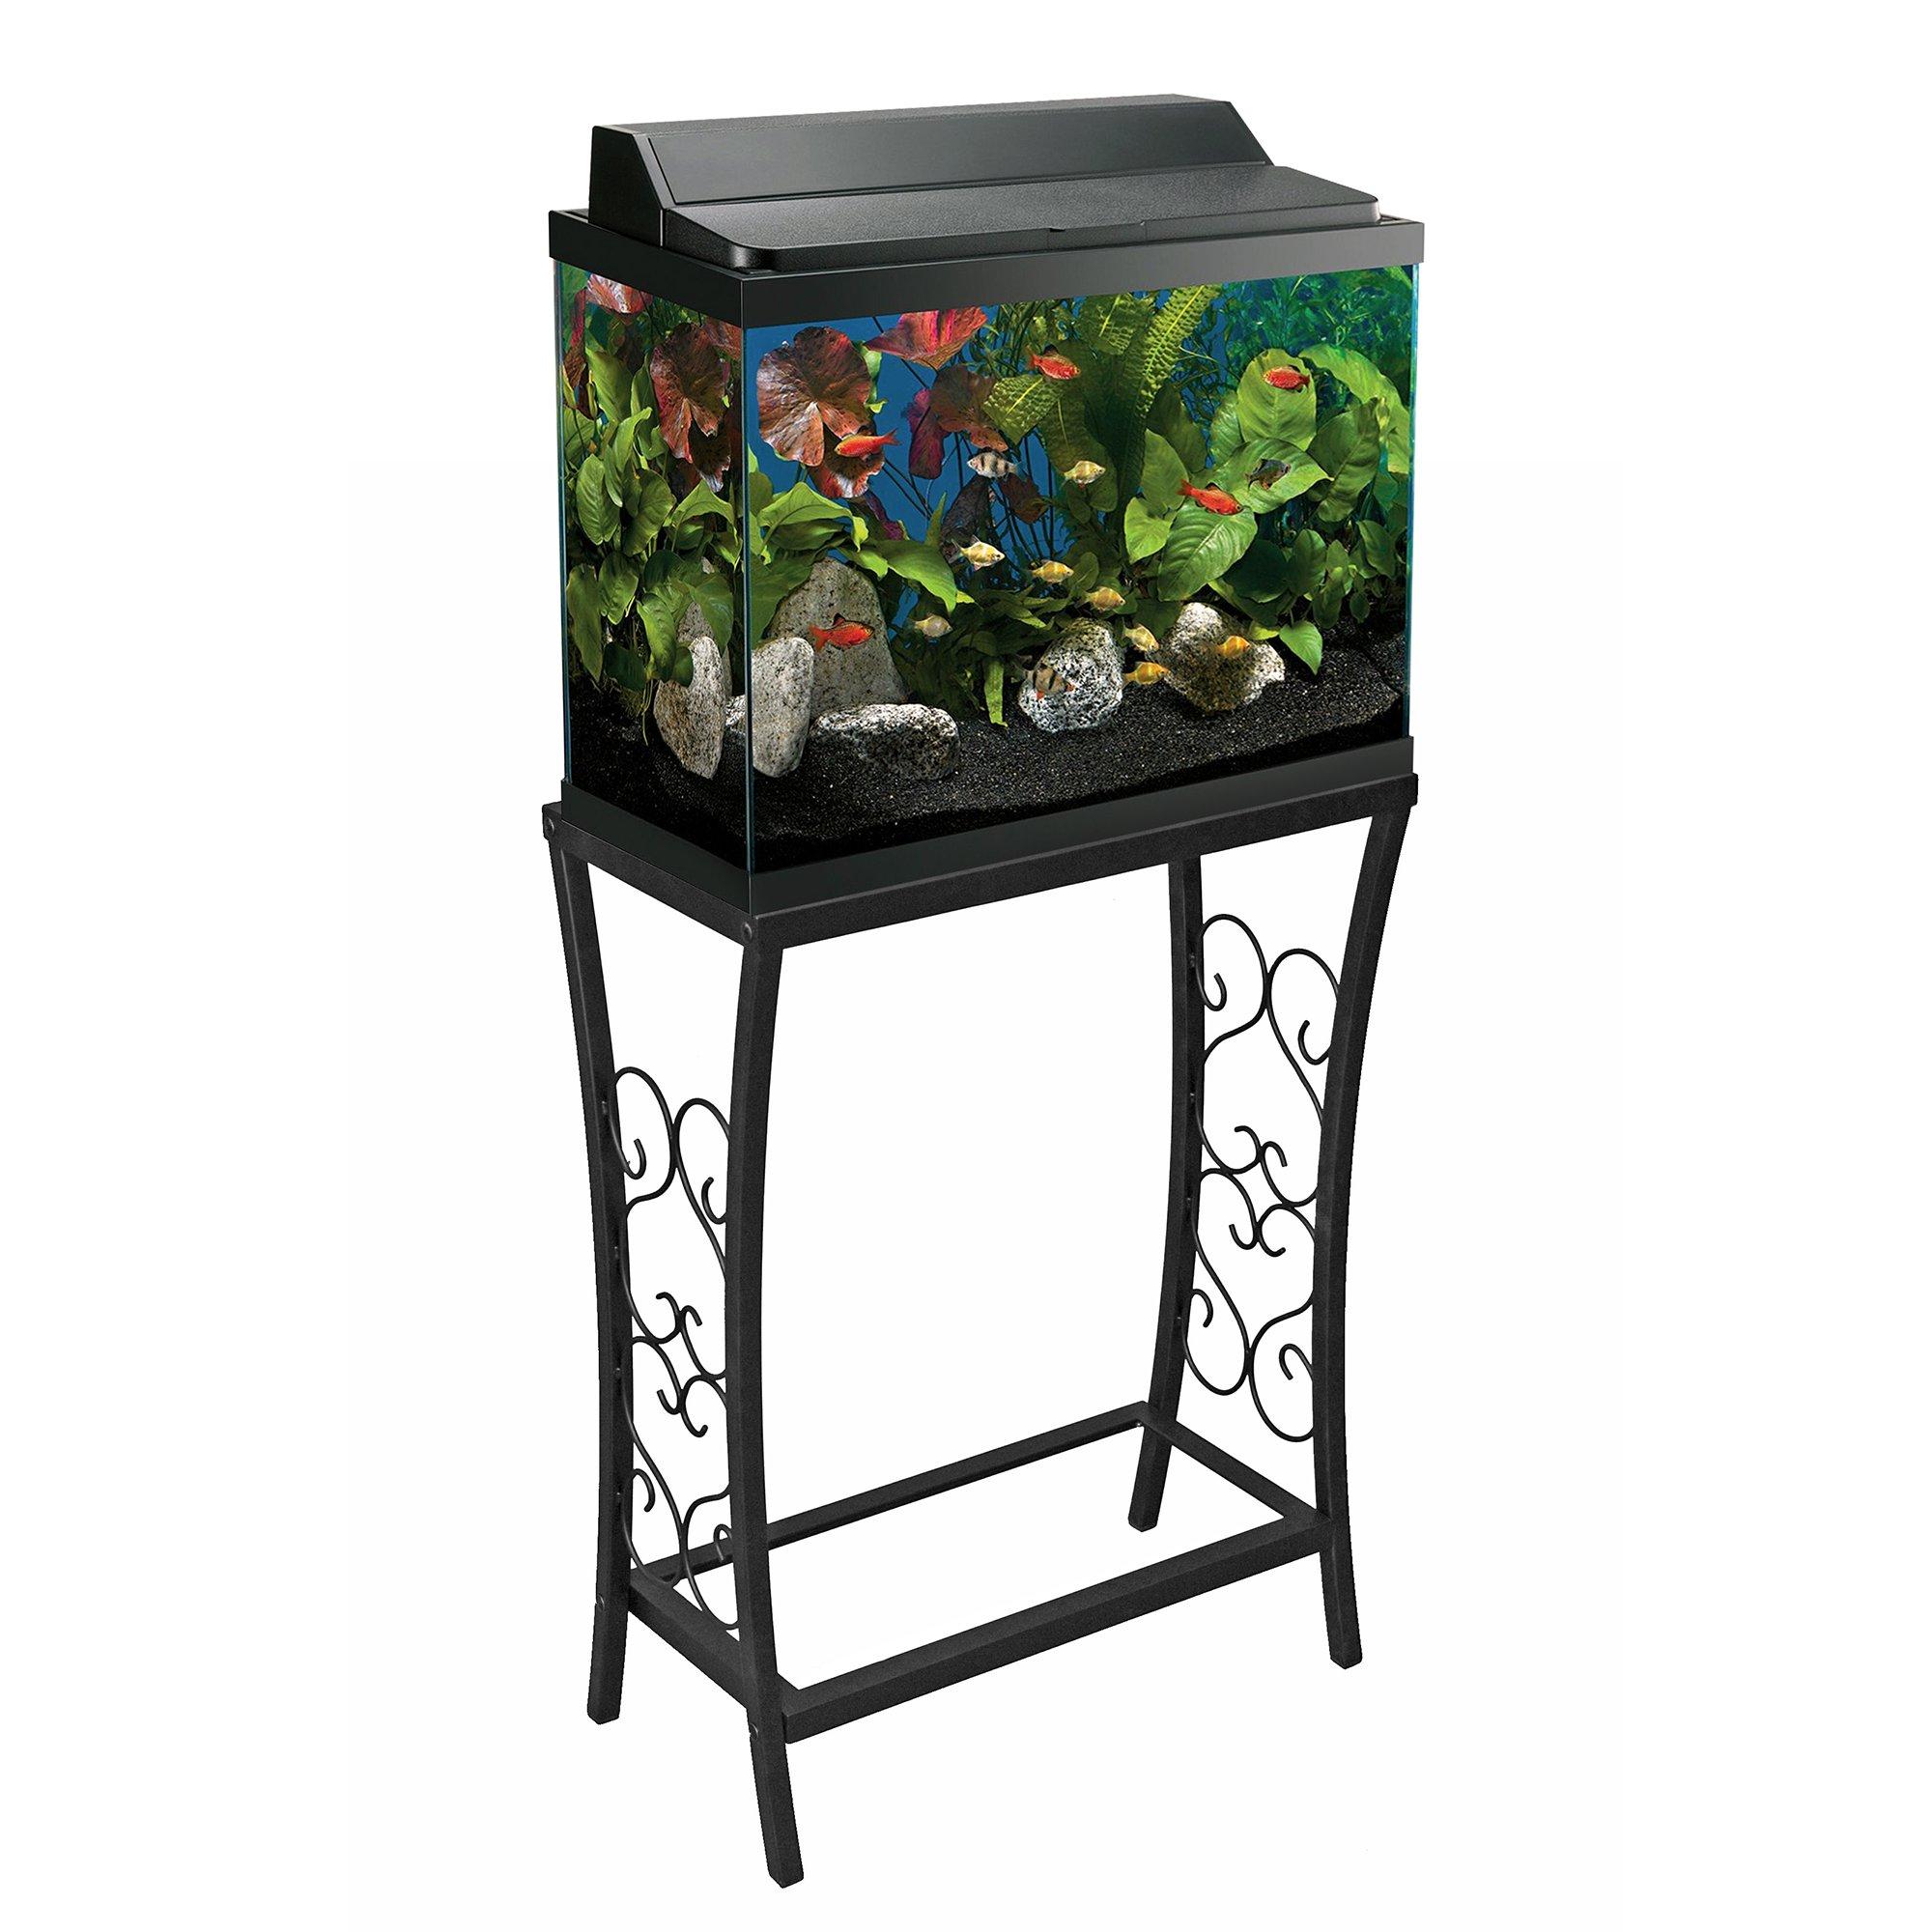 Aquatic fundamentals black scroll aquarium stand 10 for Petco small fish tank